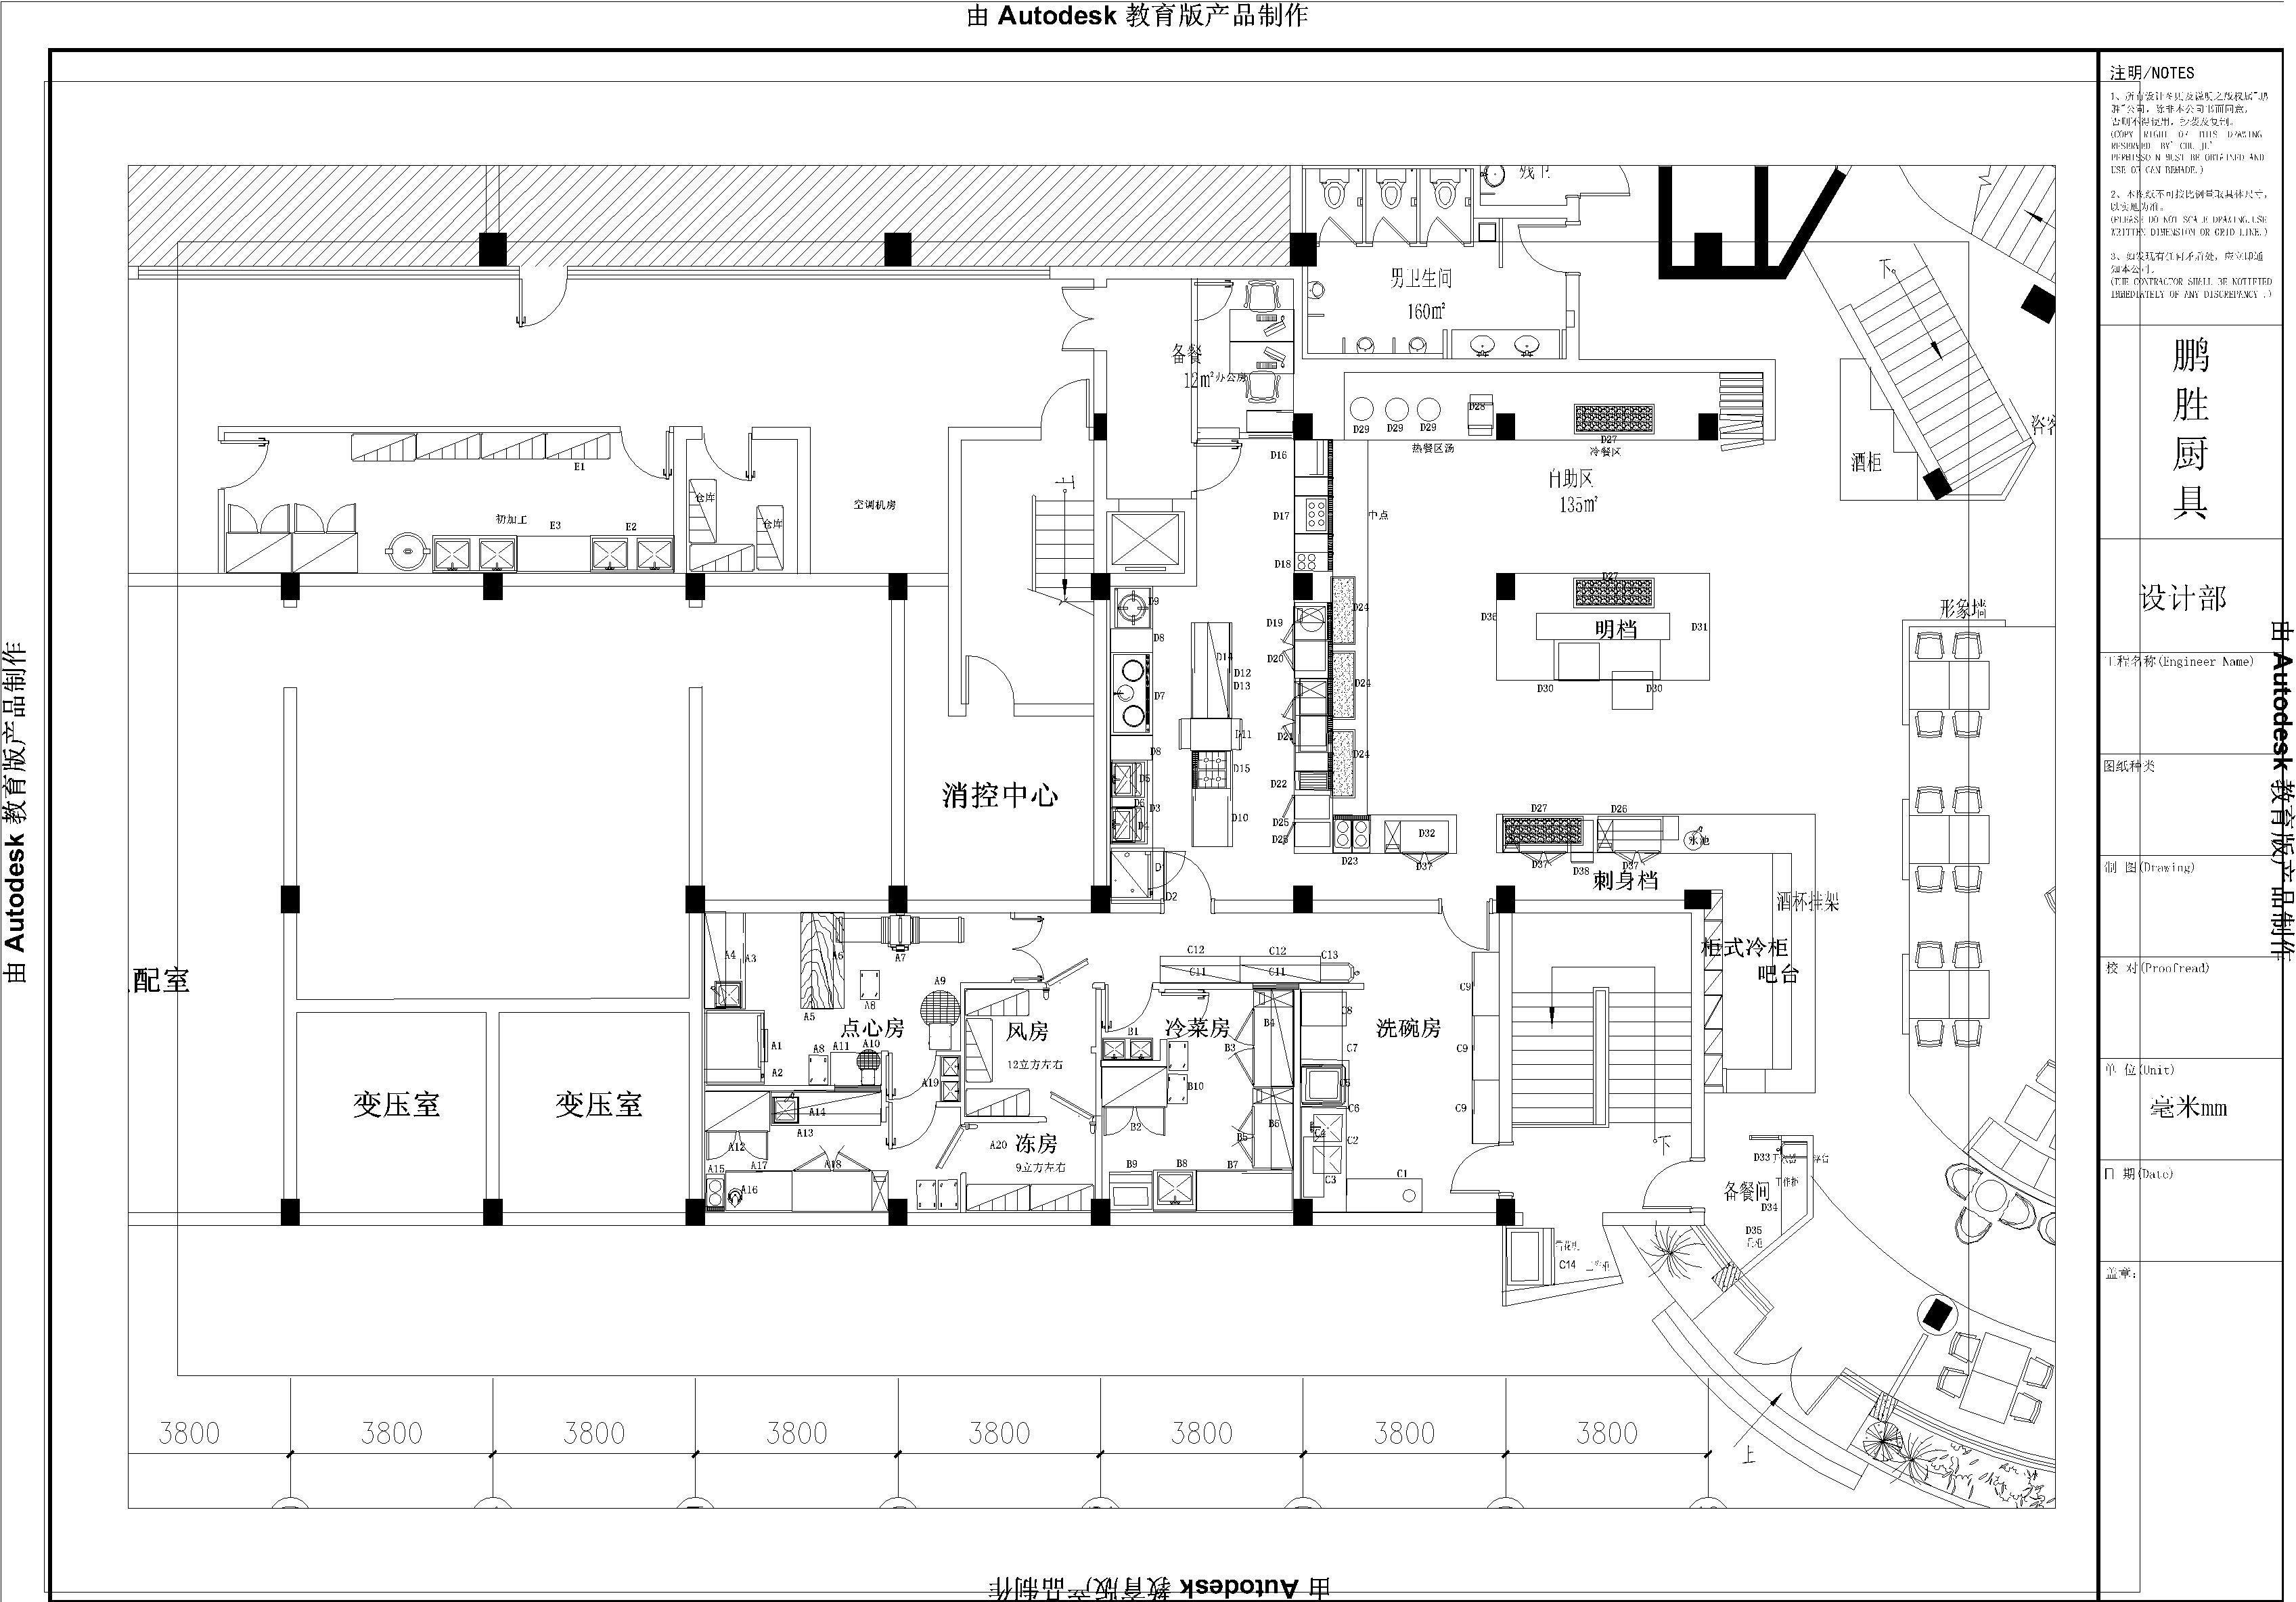 西餐厨房的设计和布局,包括厨房建筑和室内环境的总体设计,以及